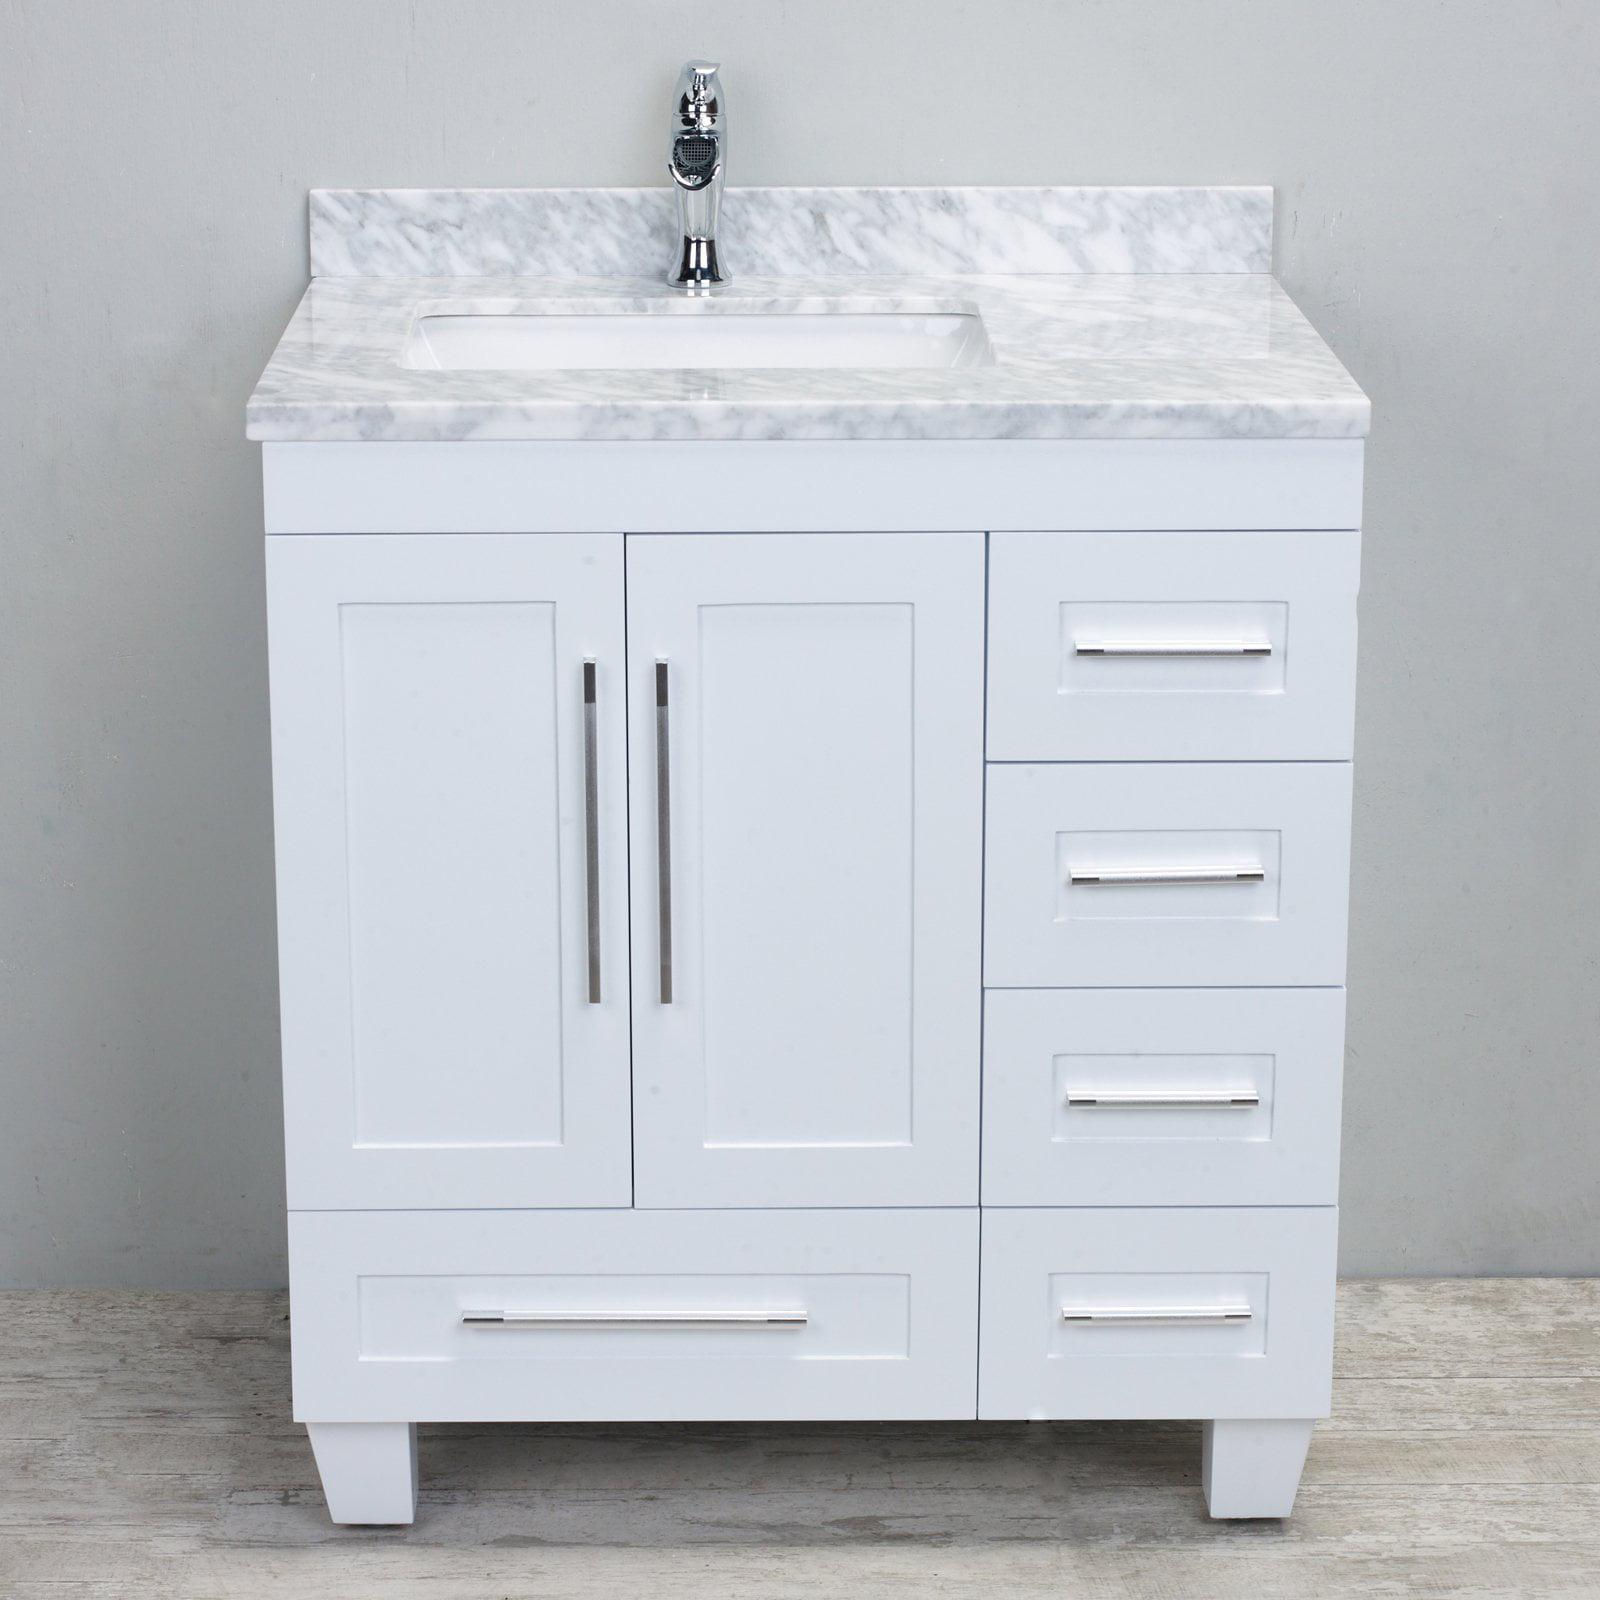 Eviva Loon 30 in. Single Sink Bathroom Vanity - White